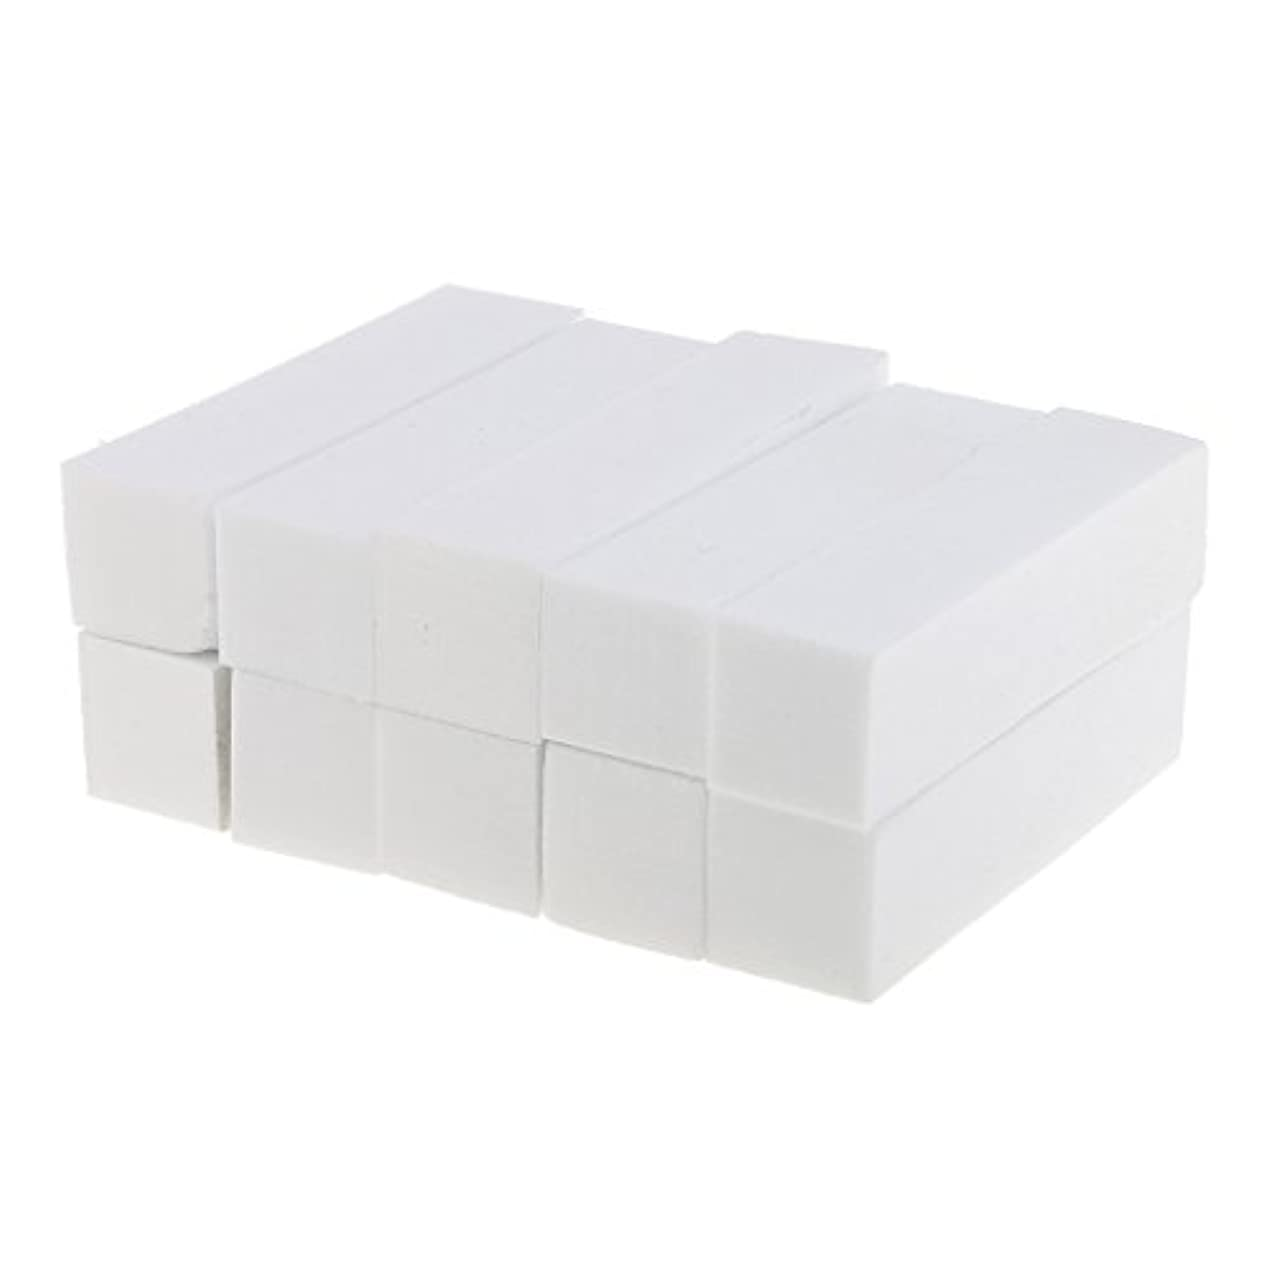 筋肉の状況元気なネイルアート マニキュア ペディキュア バッファー ファイルツール 白 10個